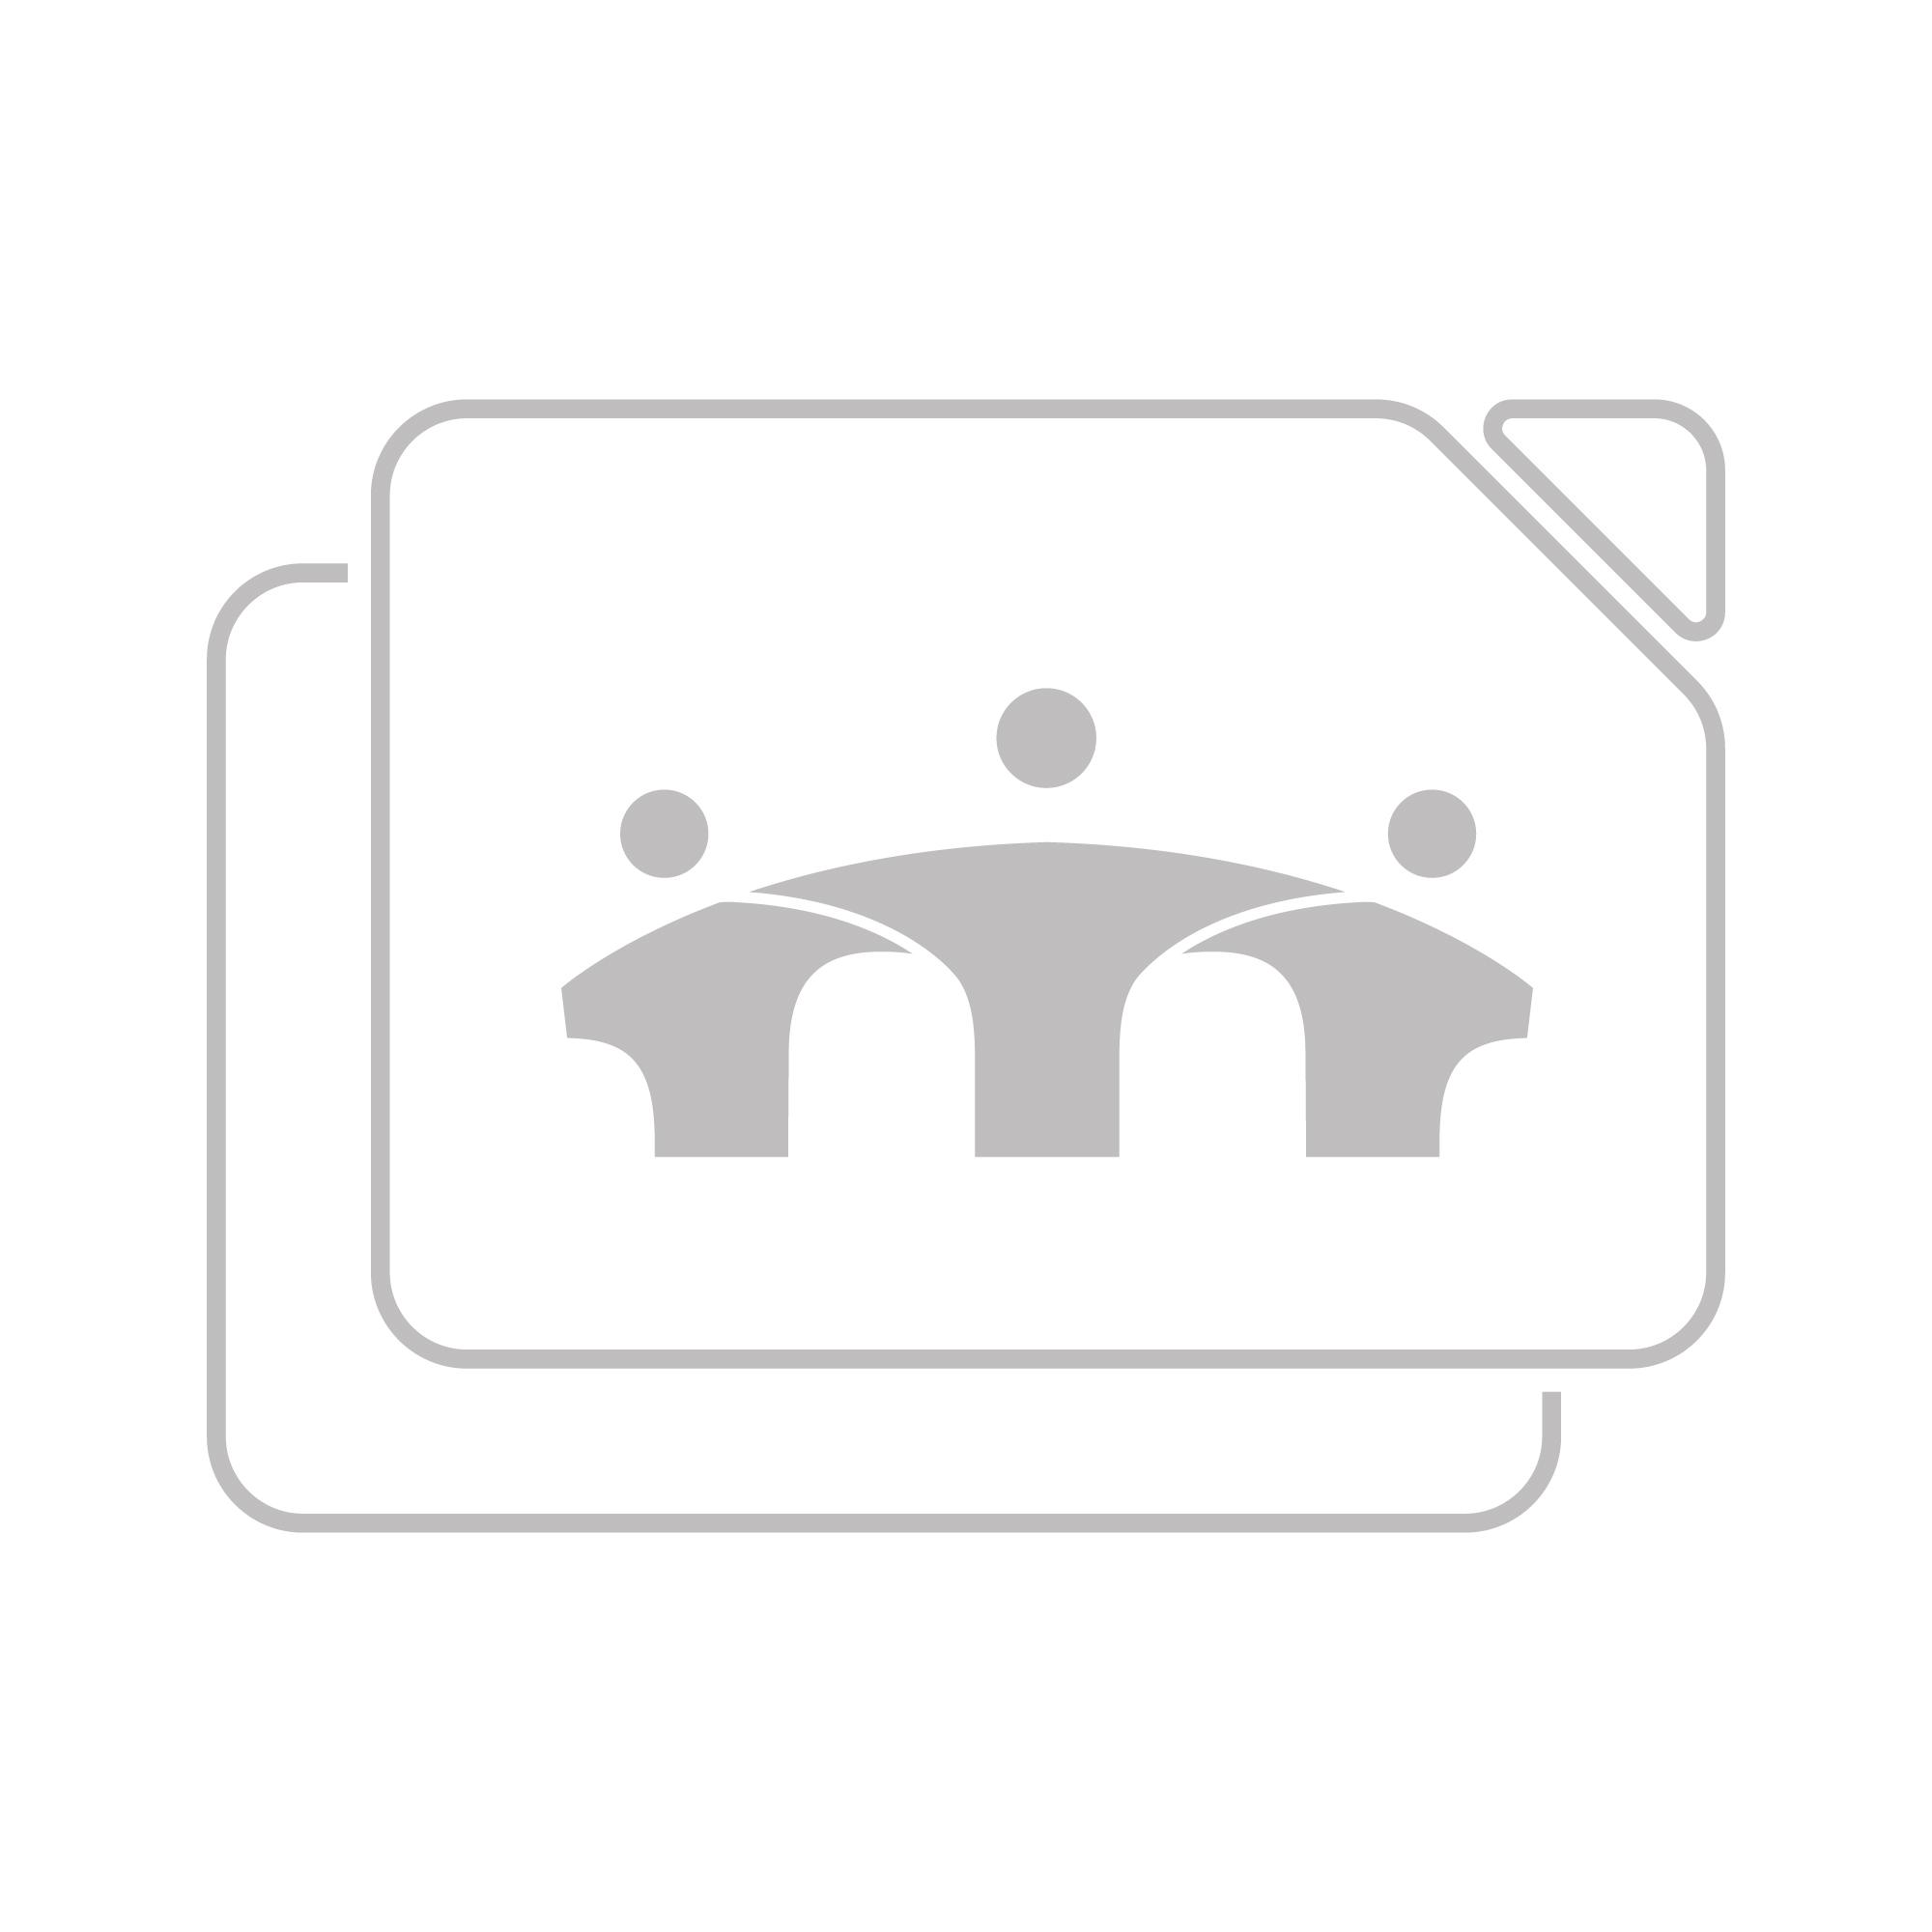 SanDisk Extreme Pro SDHC UHS-II 128GB V90